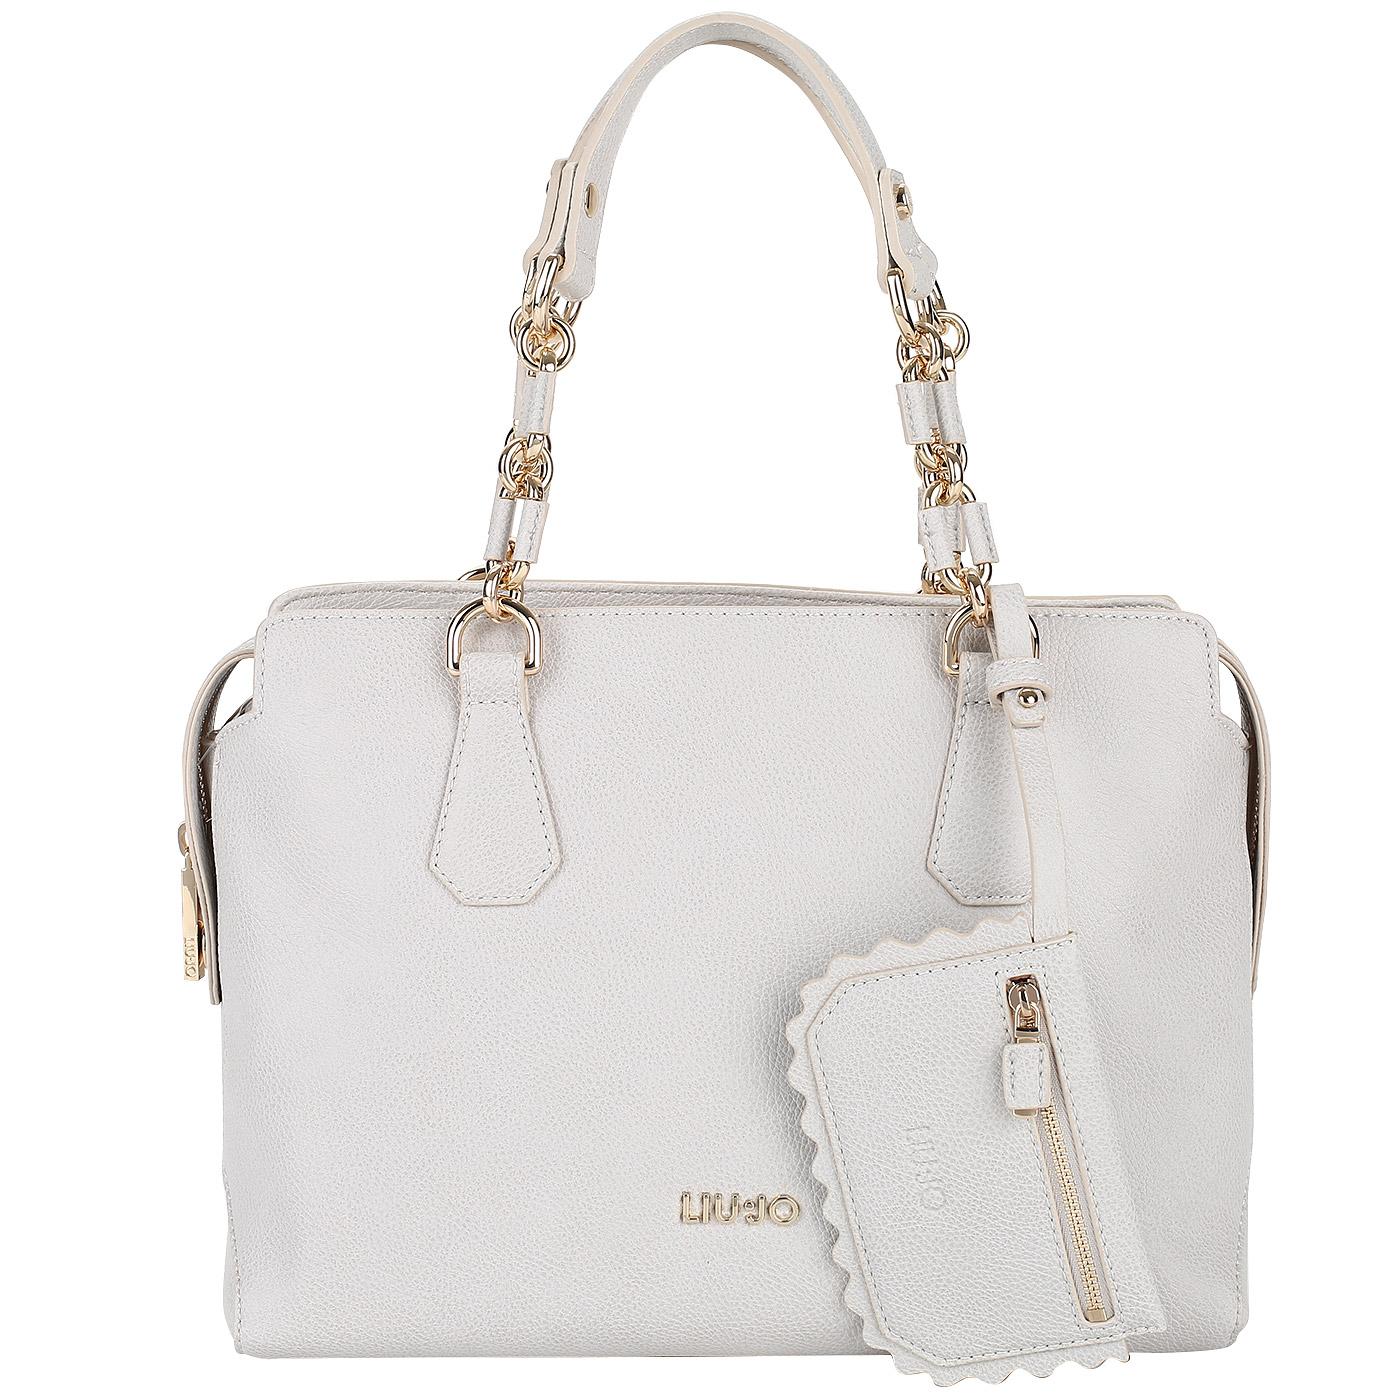 73e081f274fa Женская сумка на молнии с тремя отделами Liu Jo Detroit ...